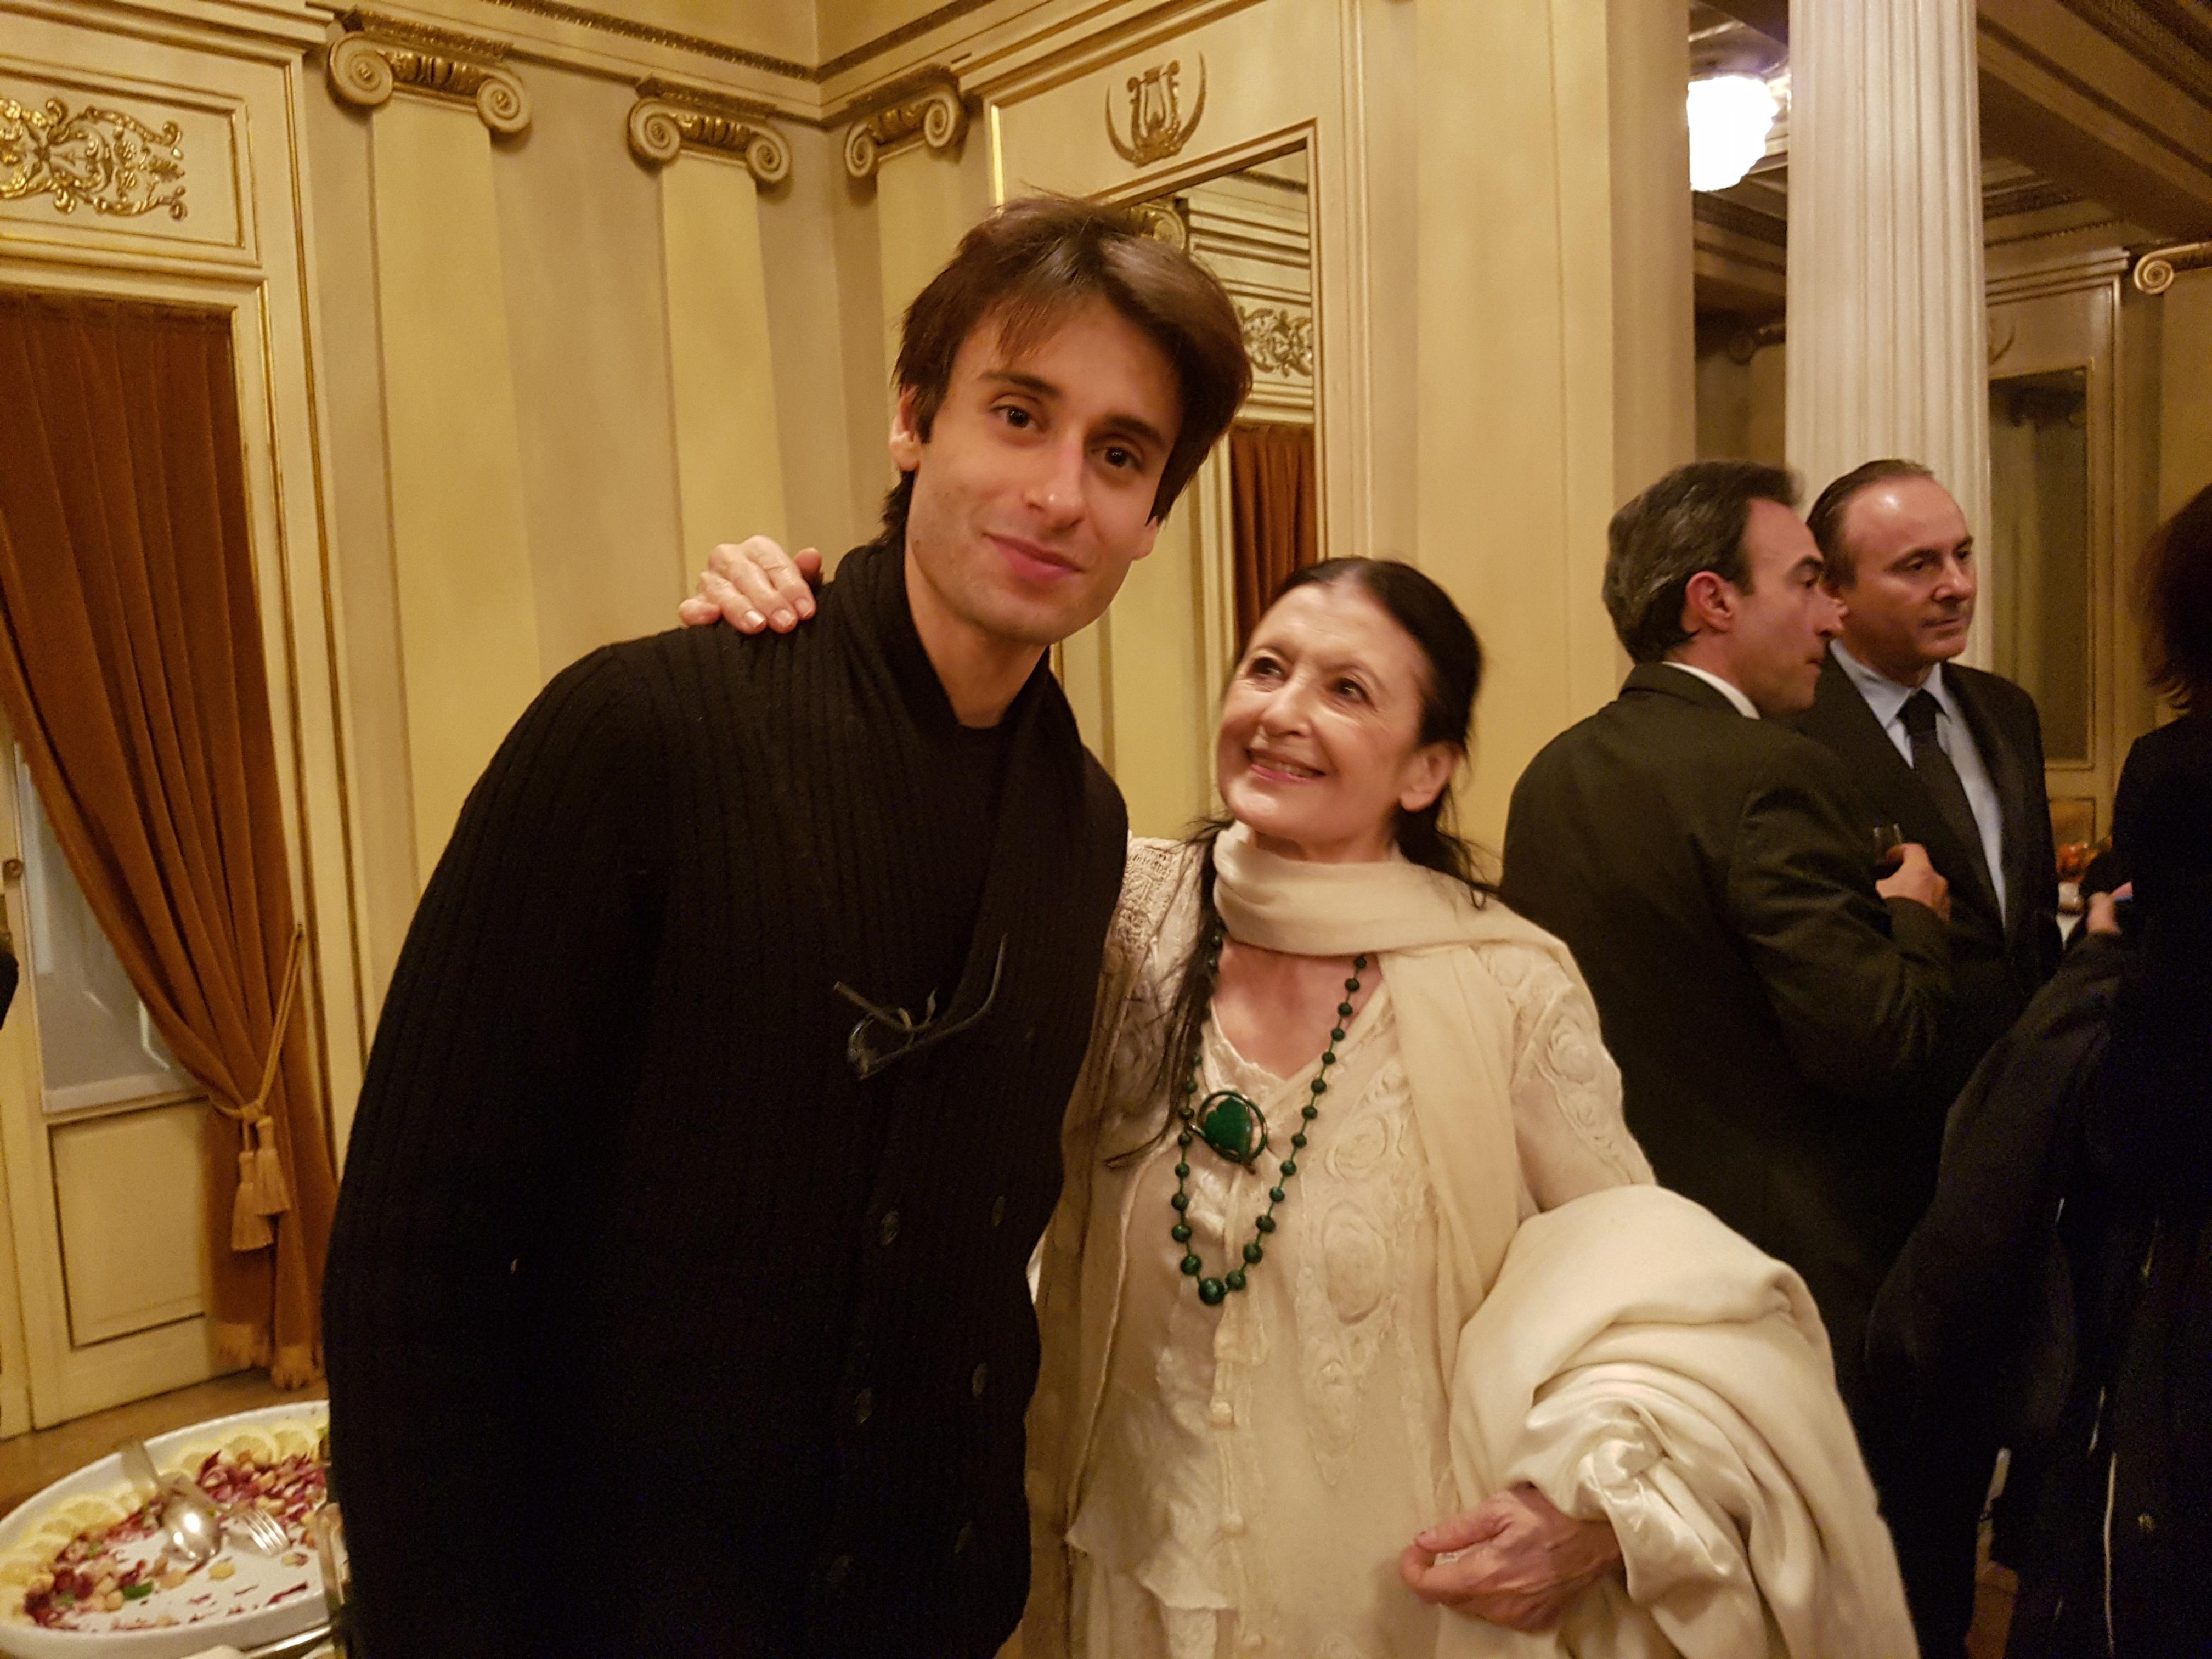 Marco Agostino and Carla Fracci